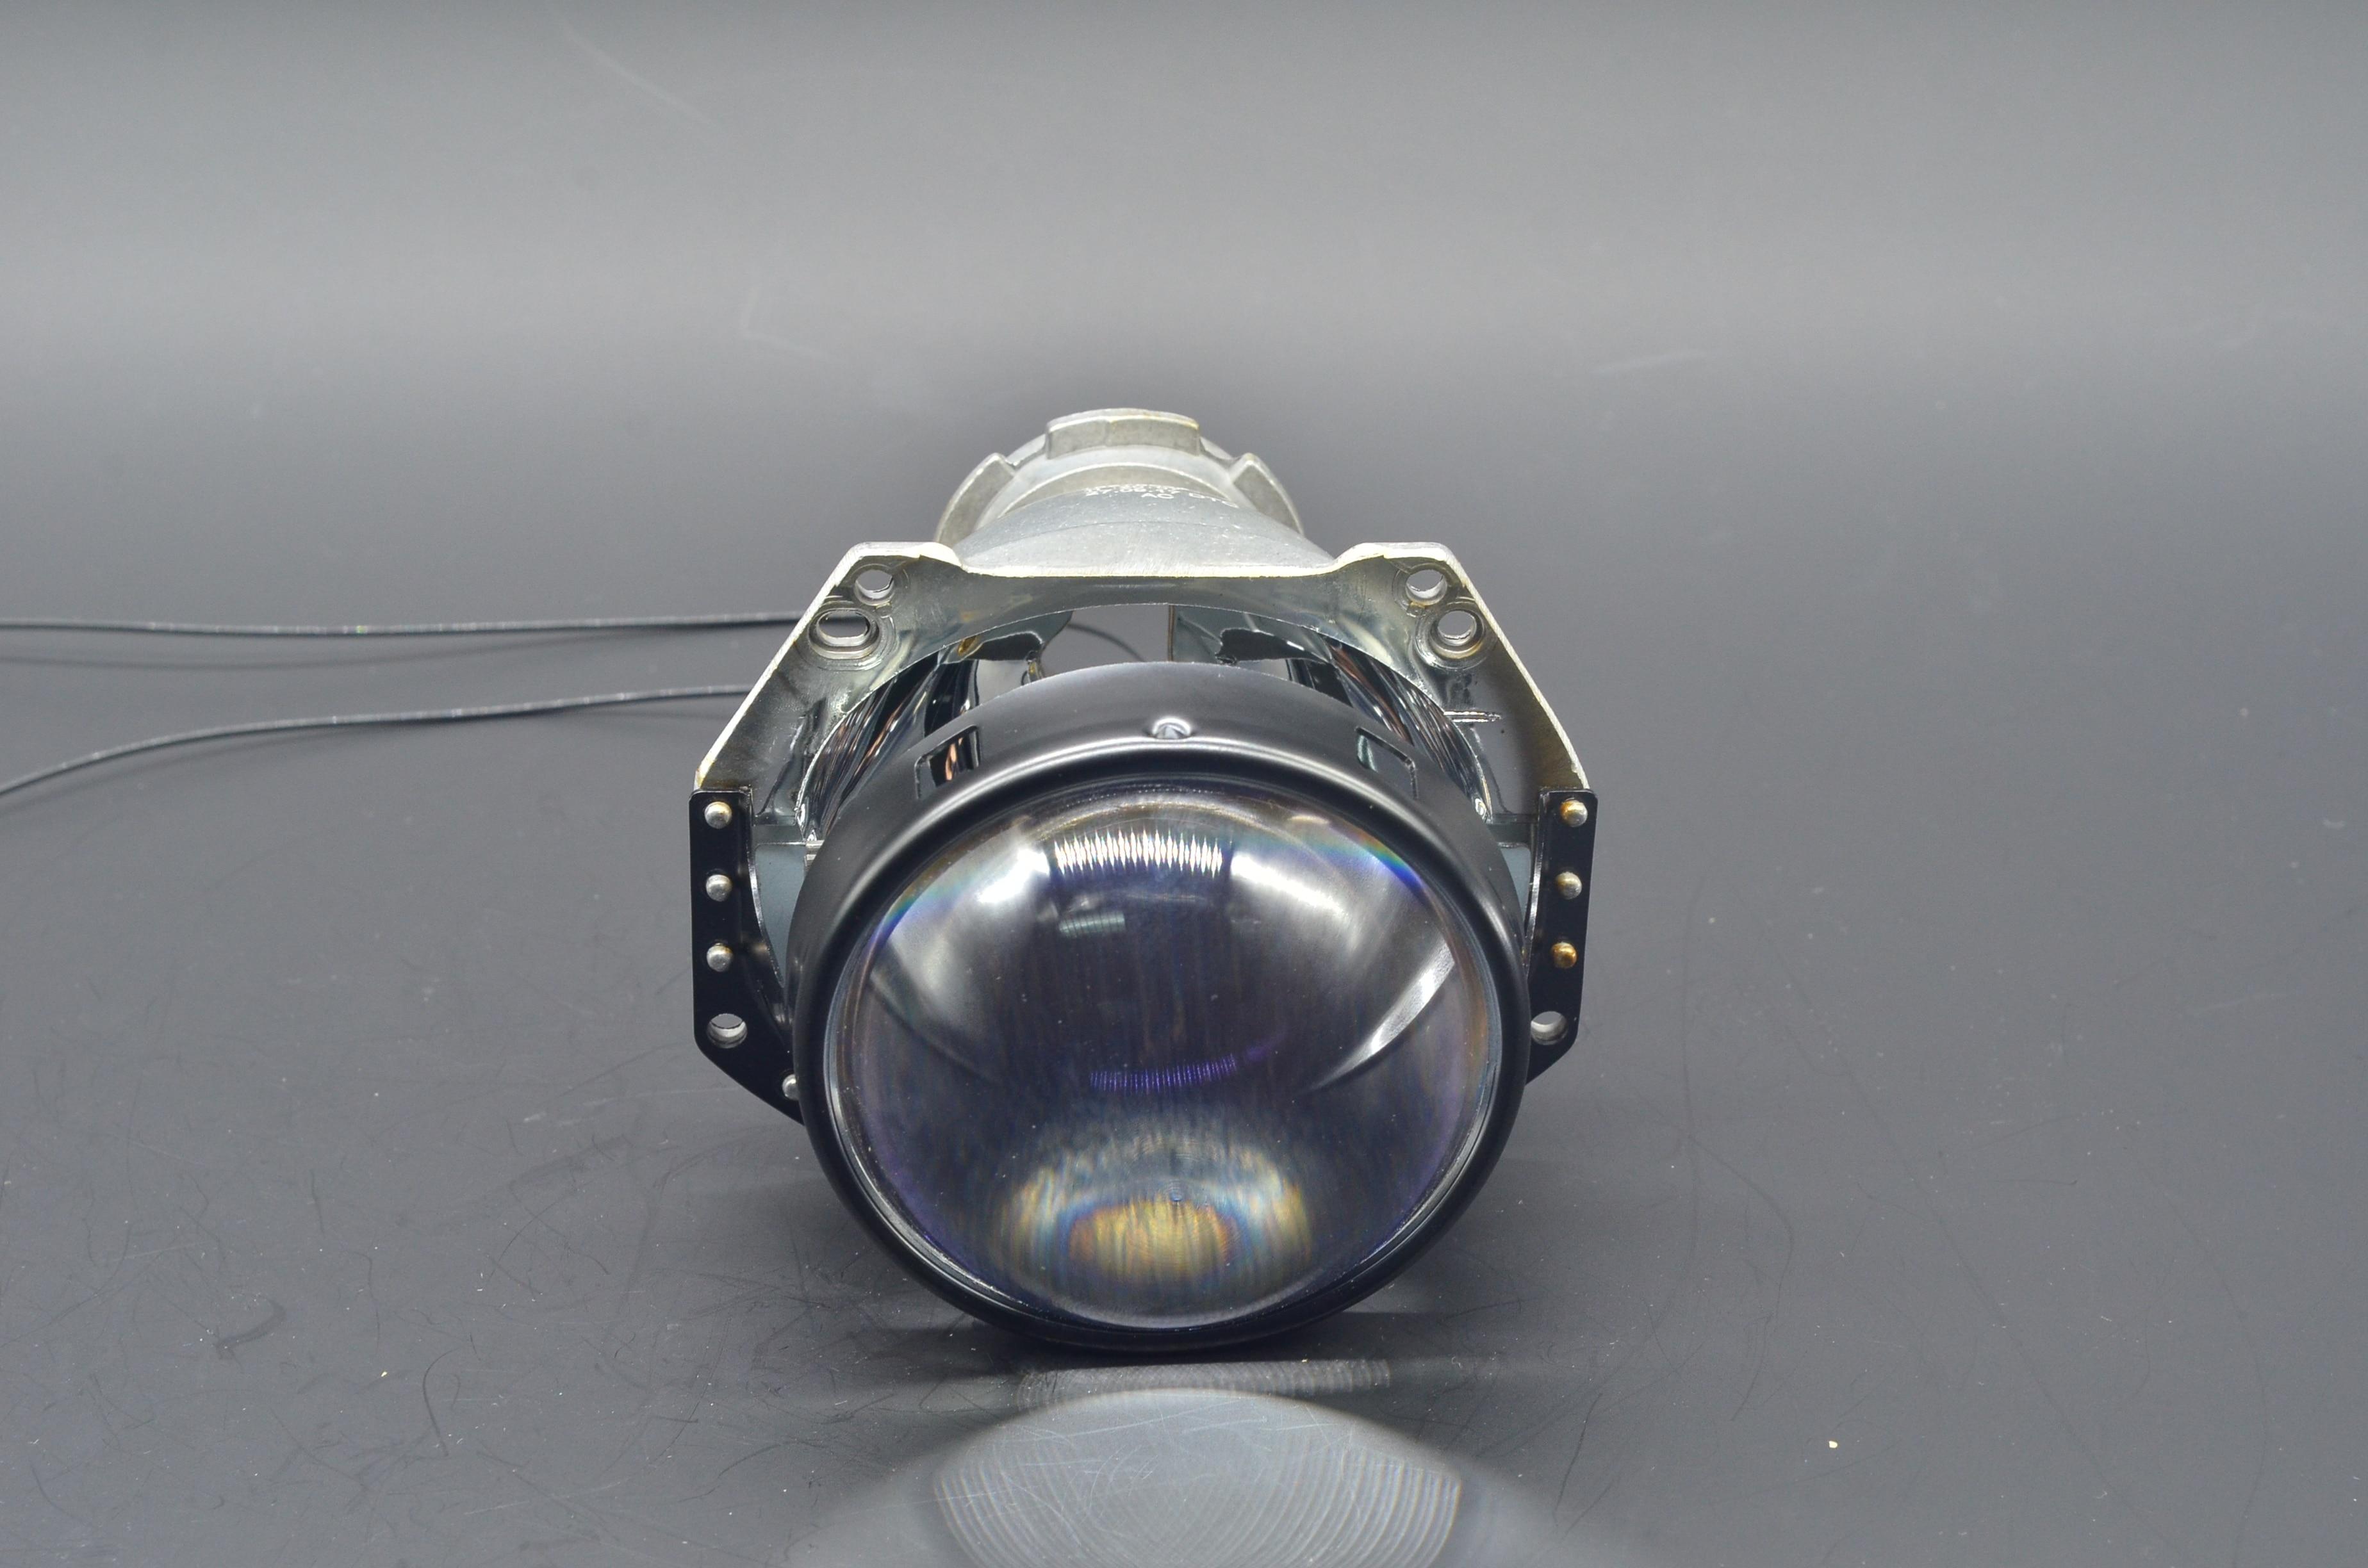 Upgrade Auto Car Headlight 3.0 inch HID Bi xenon For Hella 3R G5 5 Projector Lens Replace Headlamp Retrofit DIY D1S D2S D3S D4S